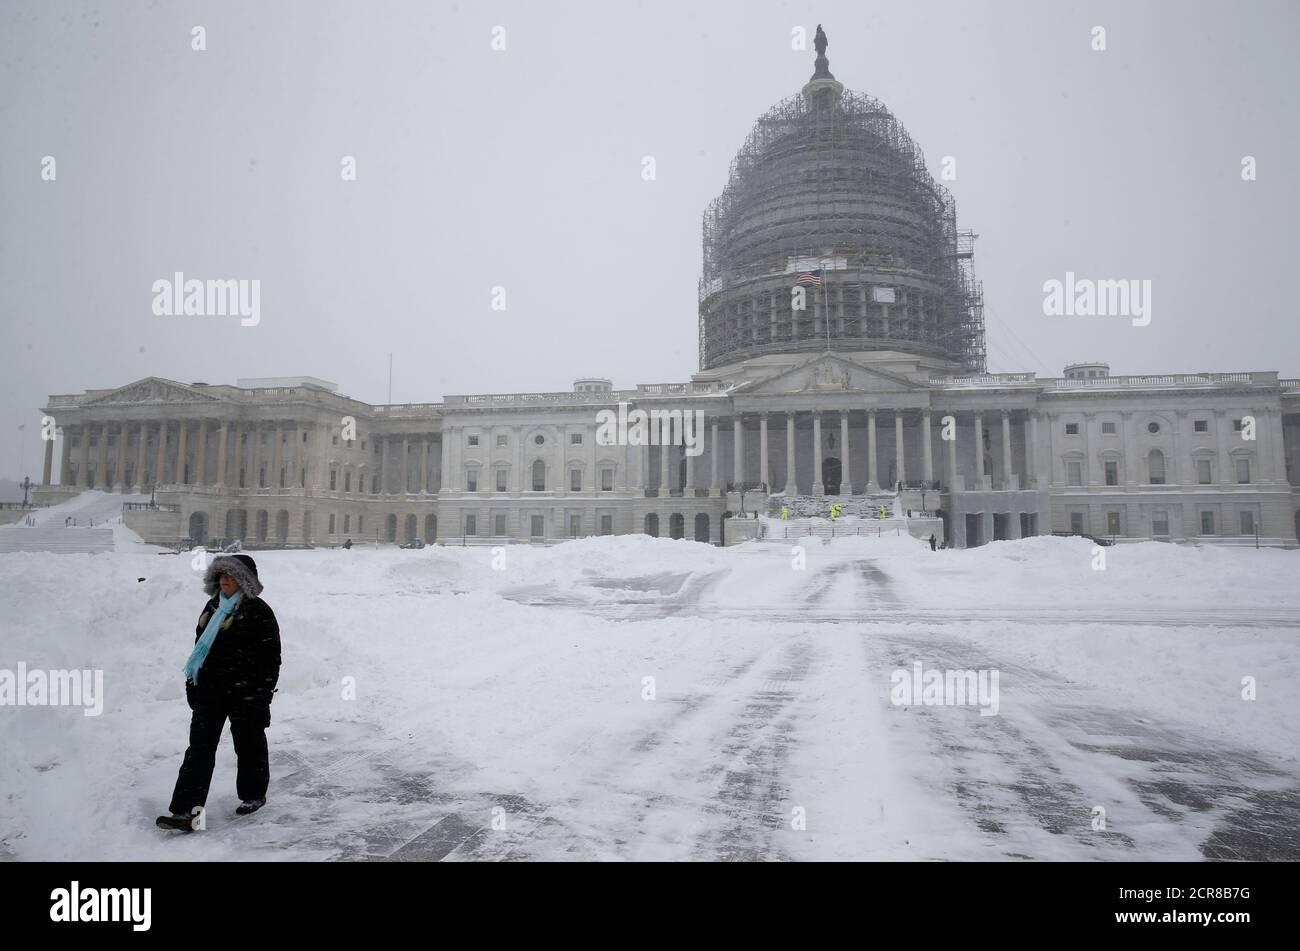 Una persona camina por los terrenos cubiertos de nieve del Capitolio de los Estados Unidos en Washington el 23 de enero de 2016. El sábado, la gruesa nieve cubrió el área de Washington, D.C. como una carretera paralizada, ferrocarril y aerolínea potencialmente sin precedentes en la costa este de Estados Unidos, desde Carolina del Norte hasta Nueva York. REUTERS/Jonathan Ernst Foto de stock